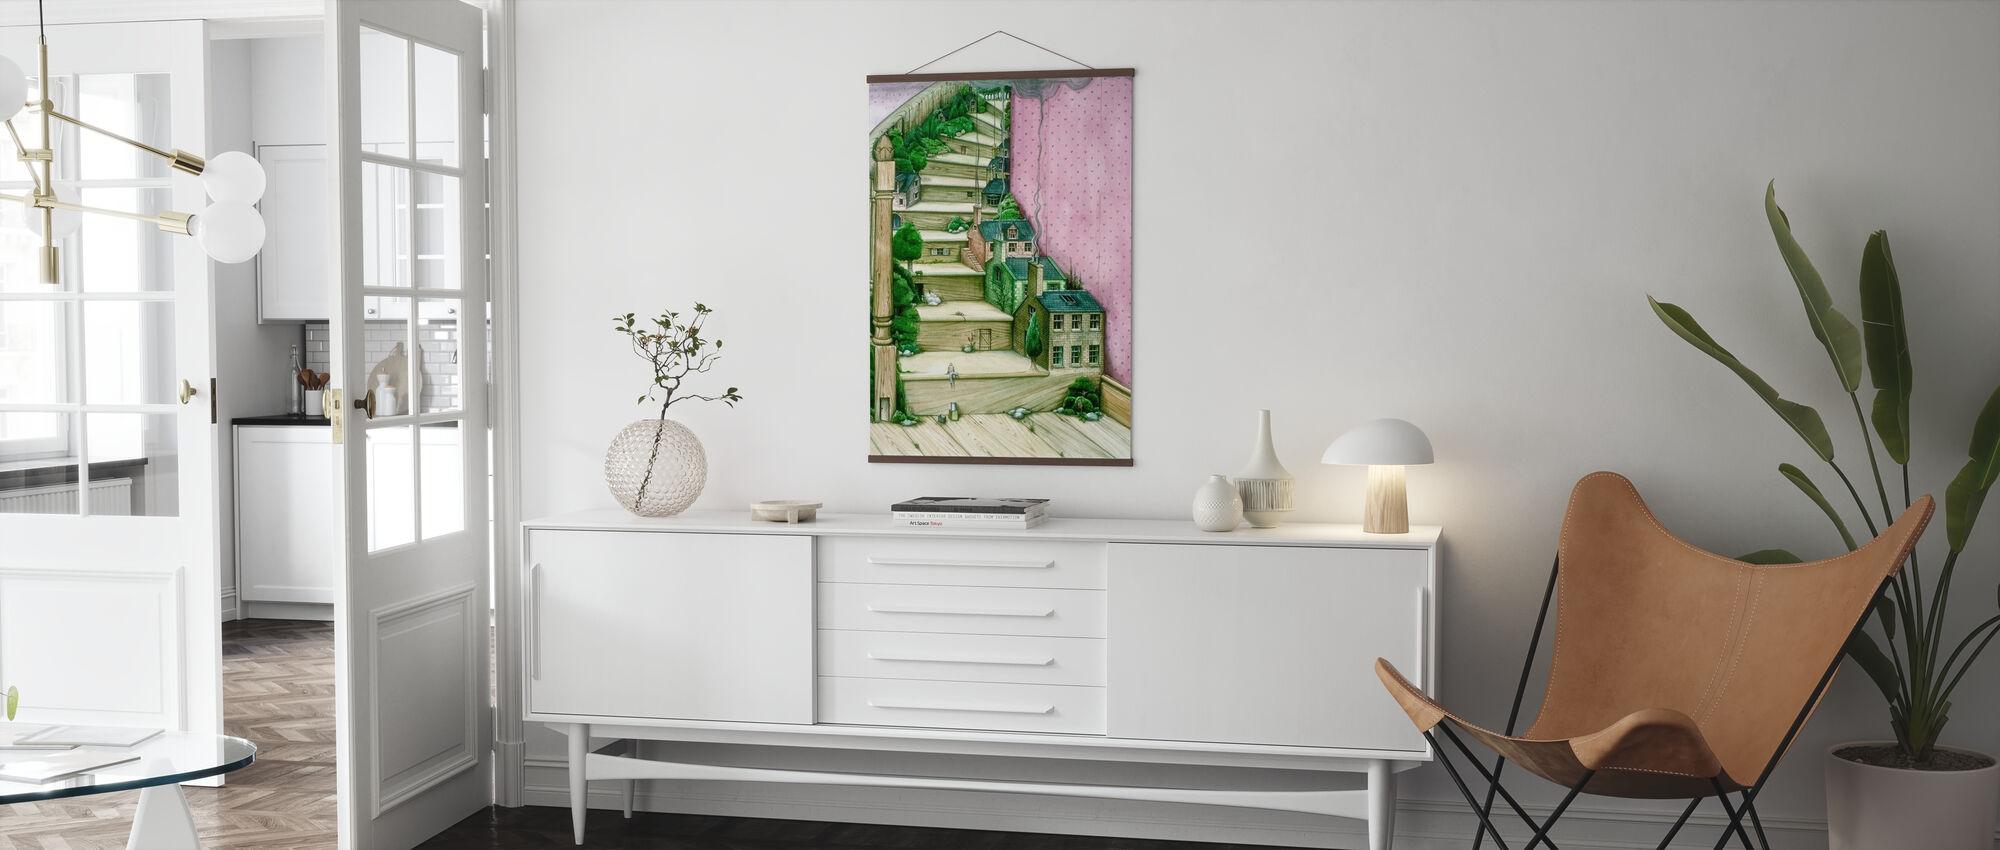 Wohntreppen - Poster - Wohnzimmer